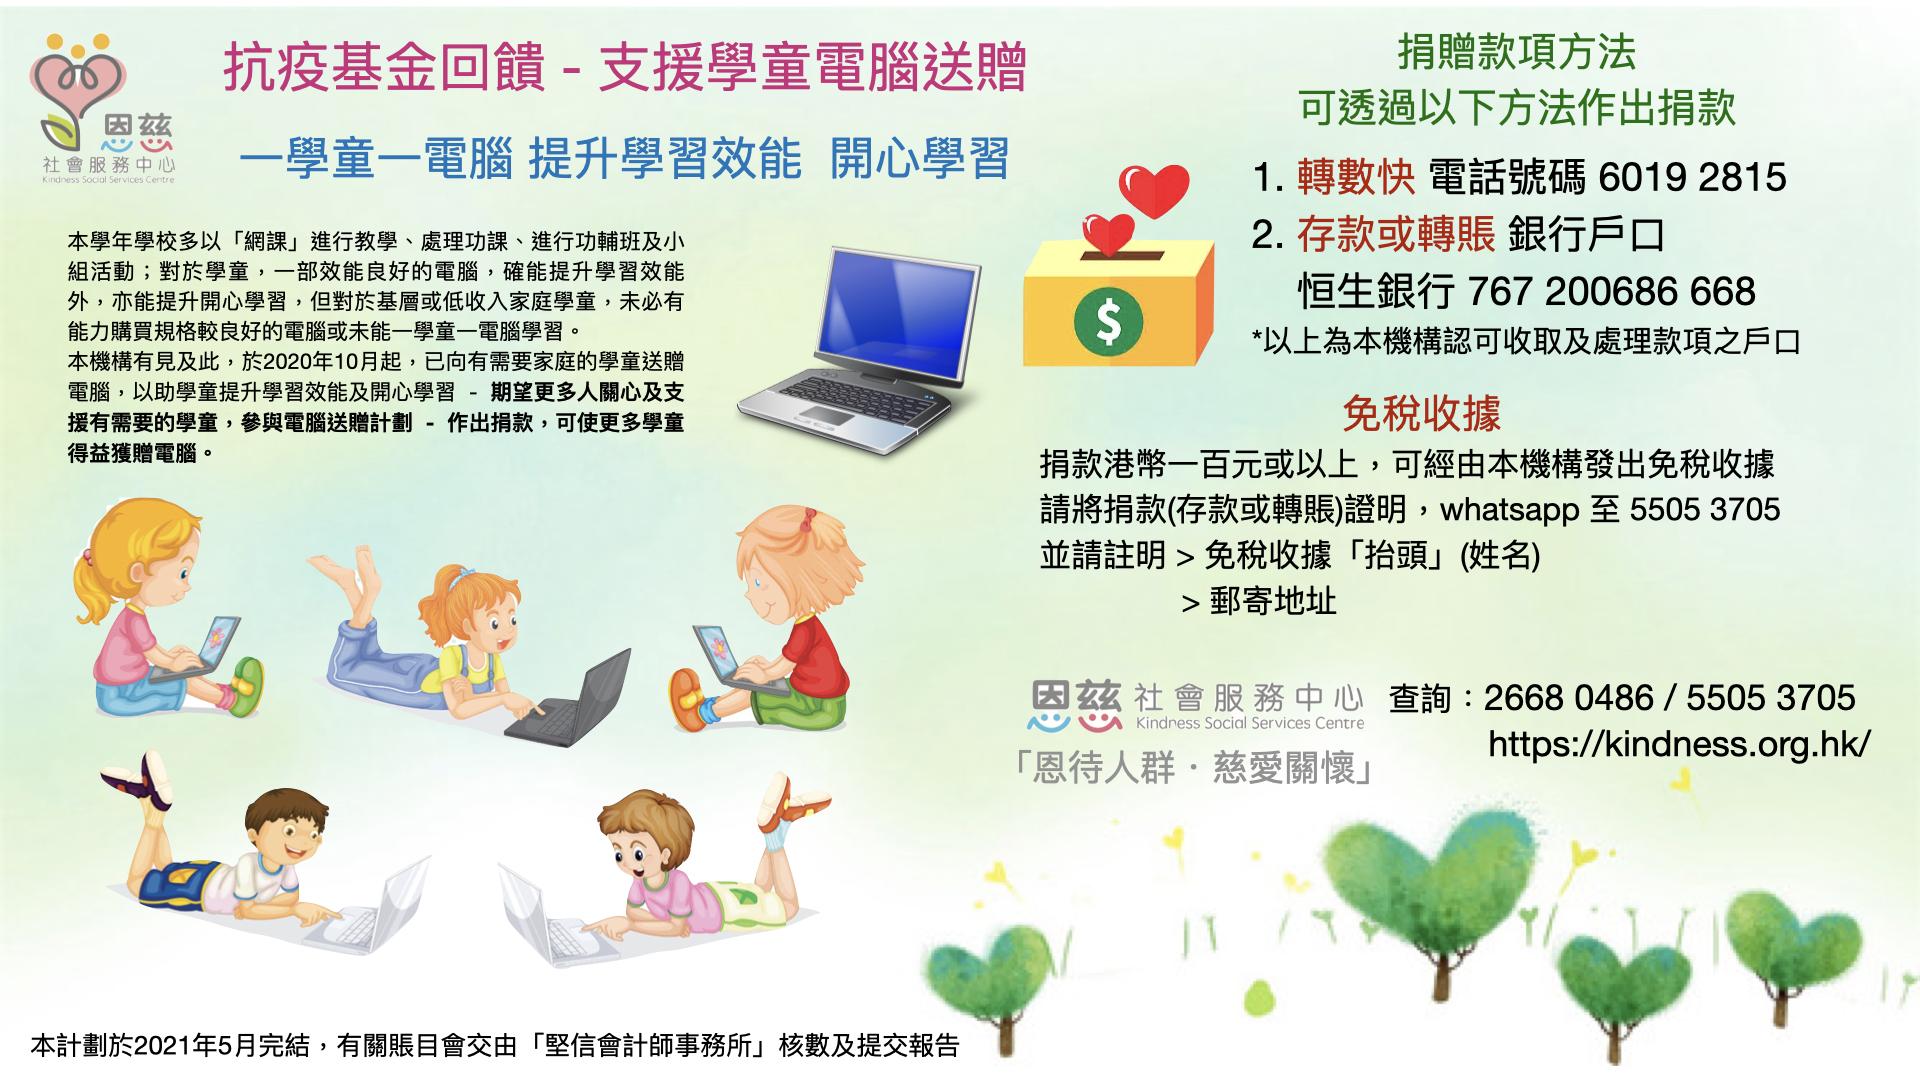 學童電腦送贈計劃